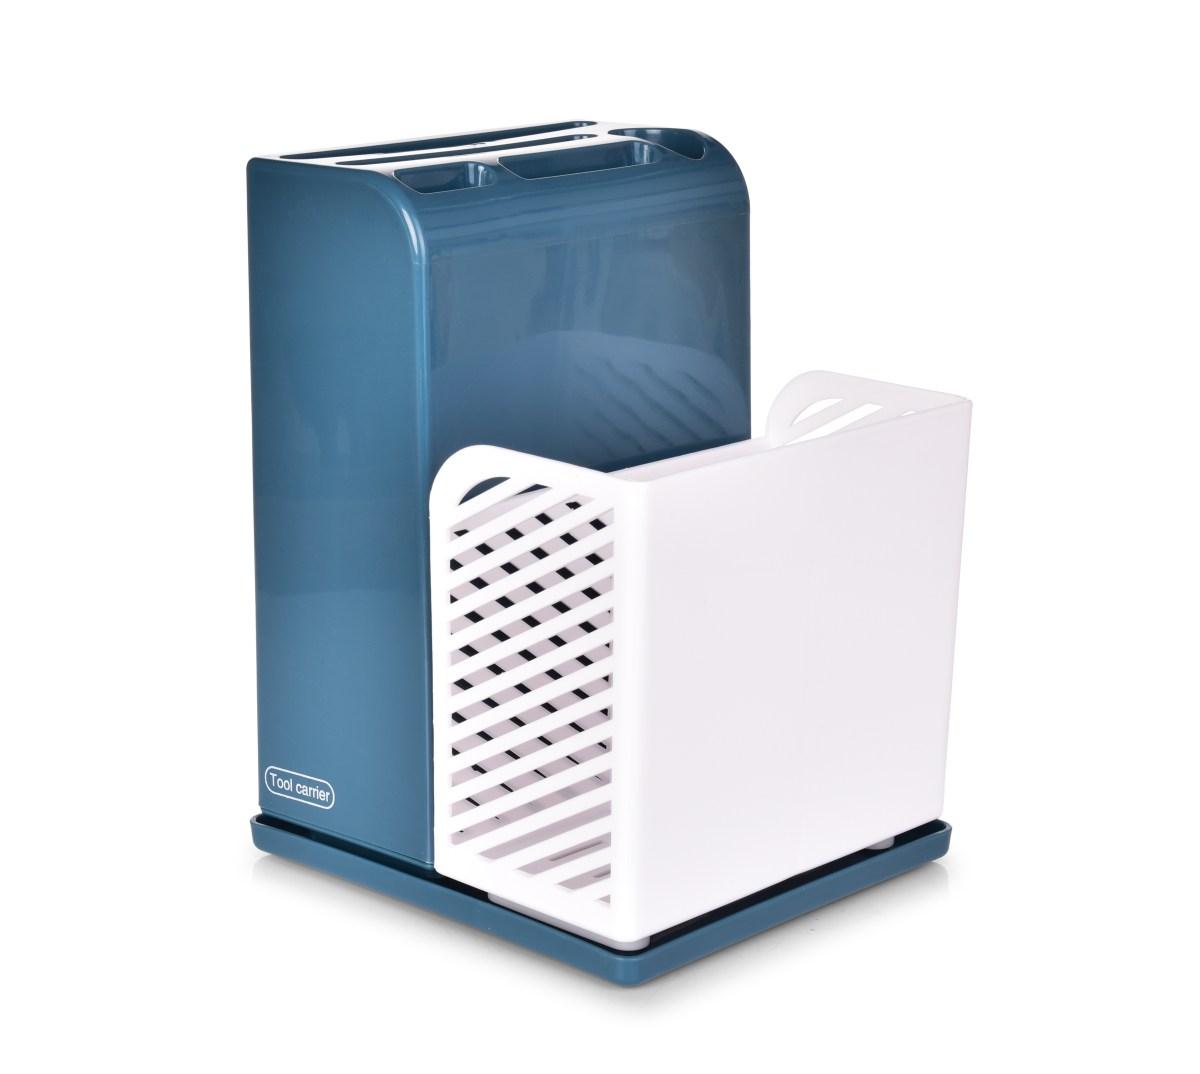 Stojan/odkapávač na kuchyňské náčiní a příbory